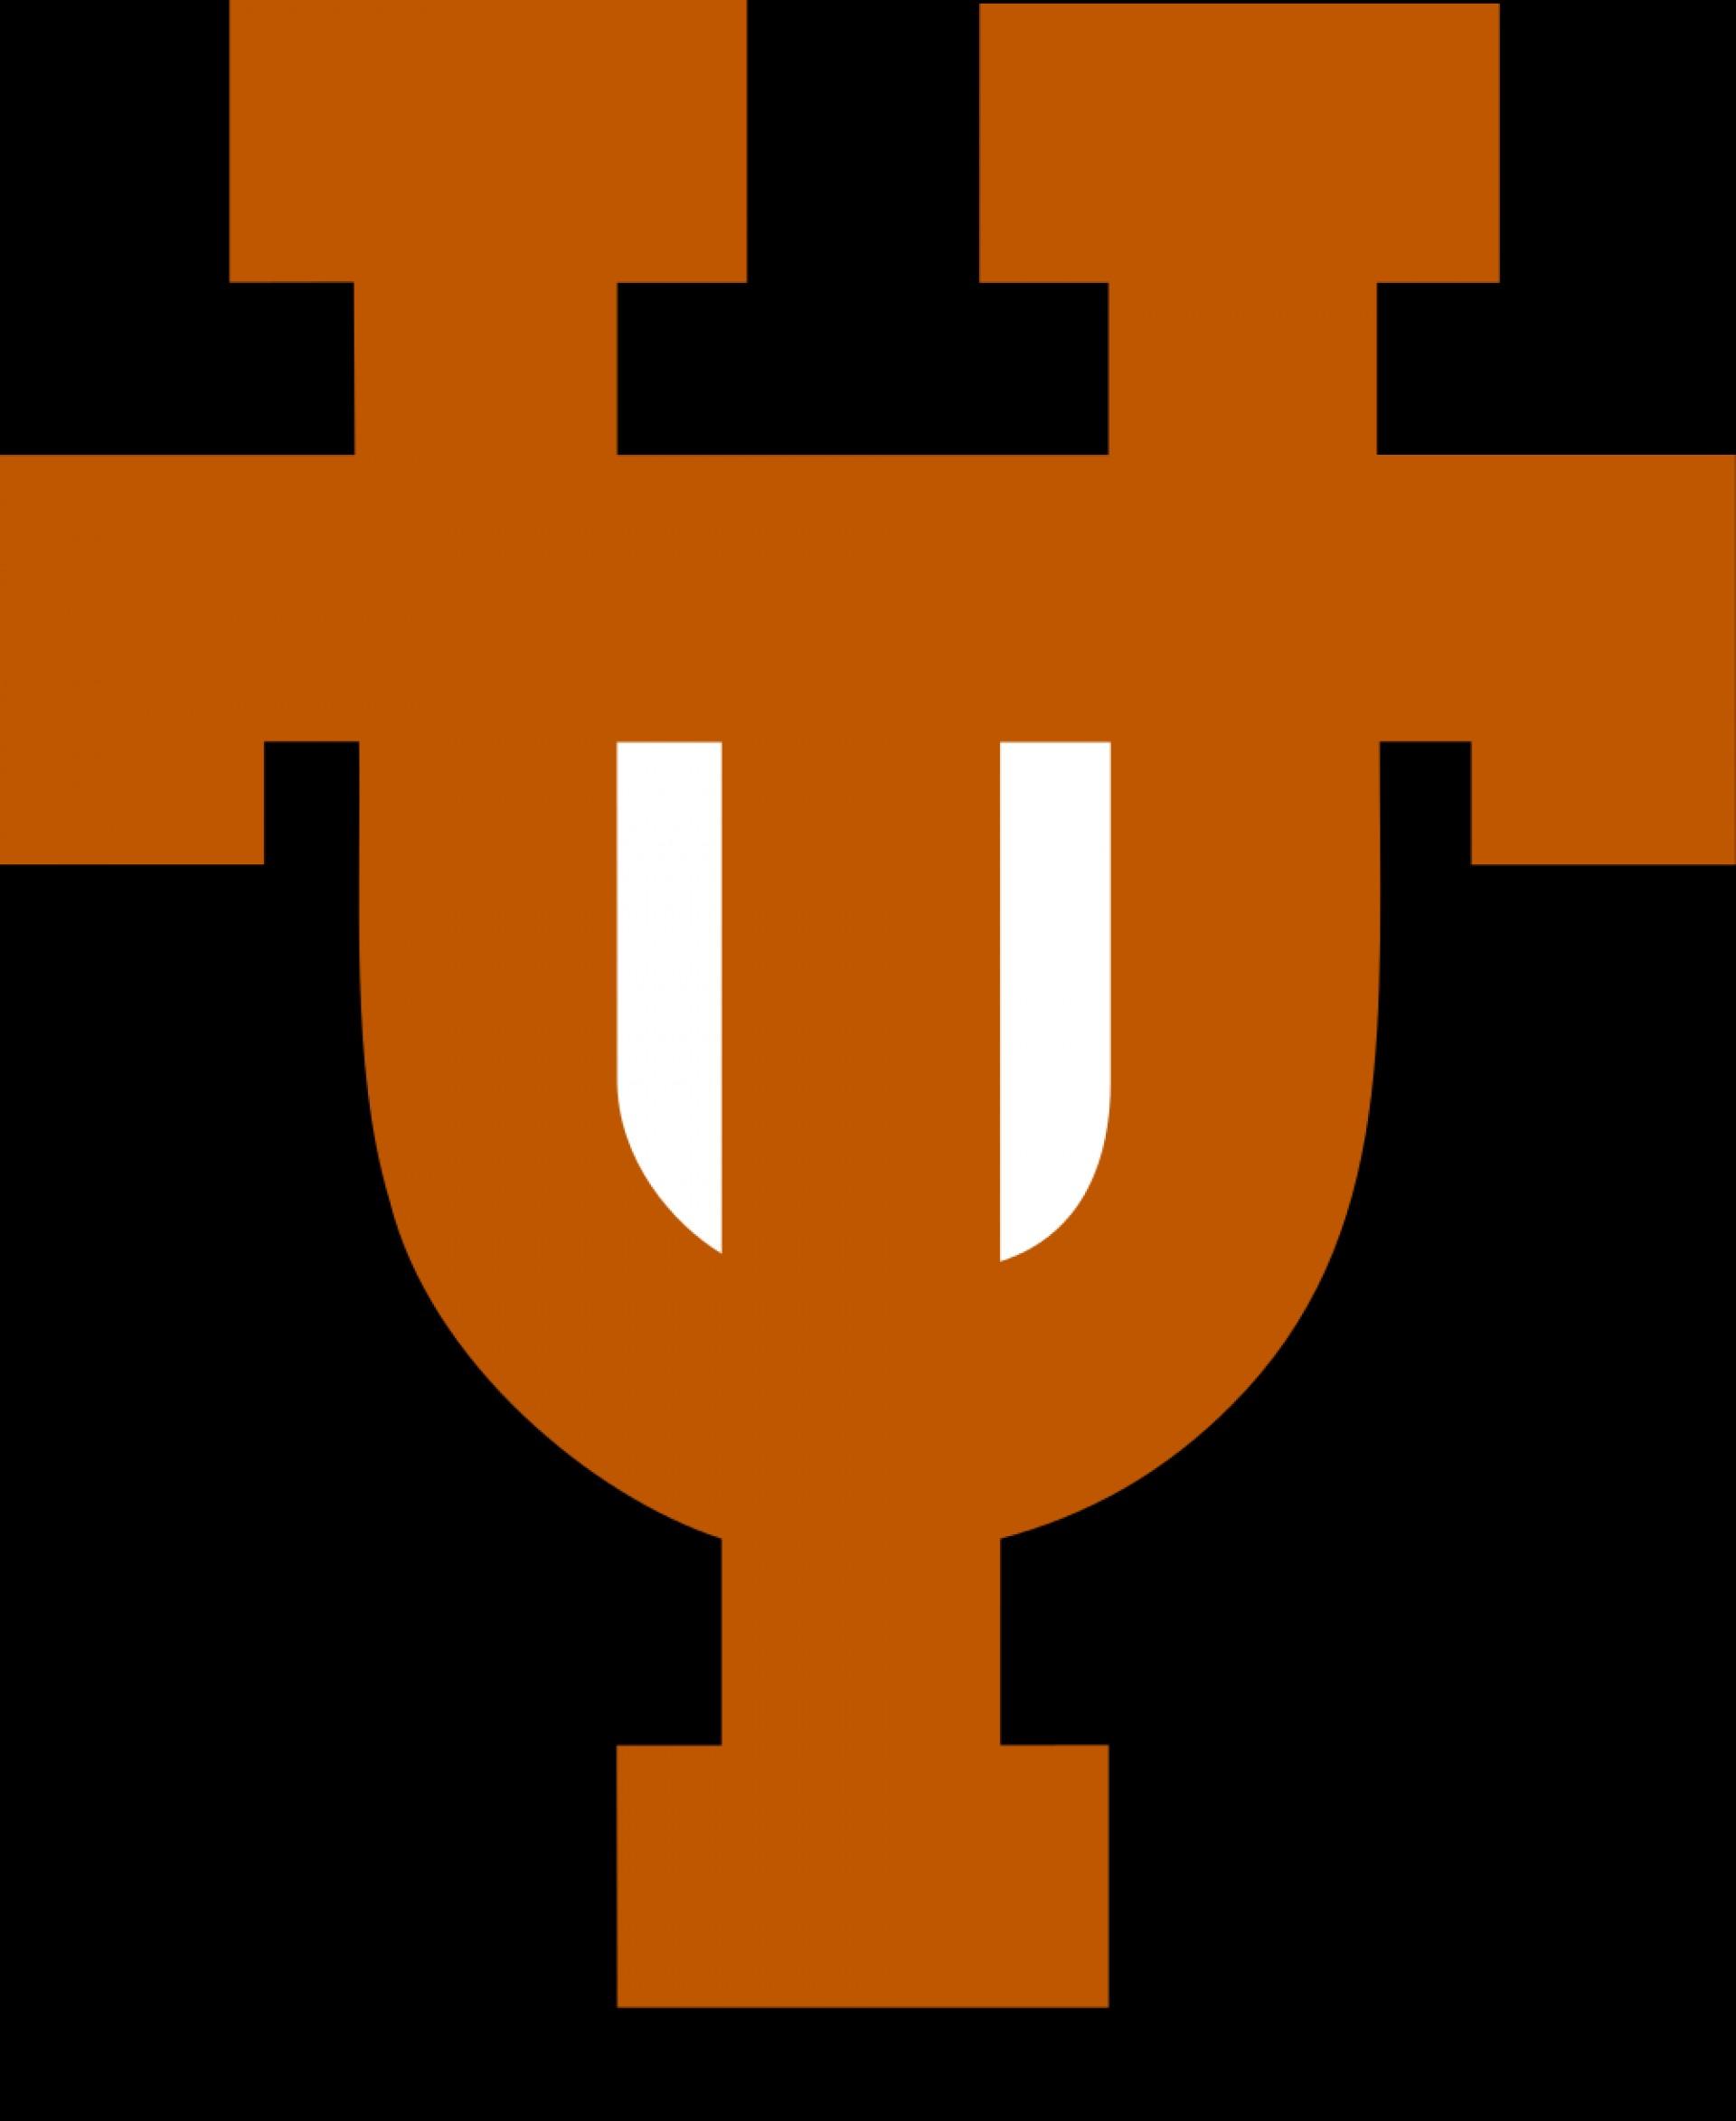 019 Utt Text Logo Svg Ssl1 Essay Example Apply Texas Topic Frightening C Examples 1920